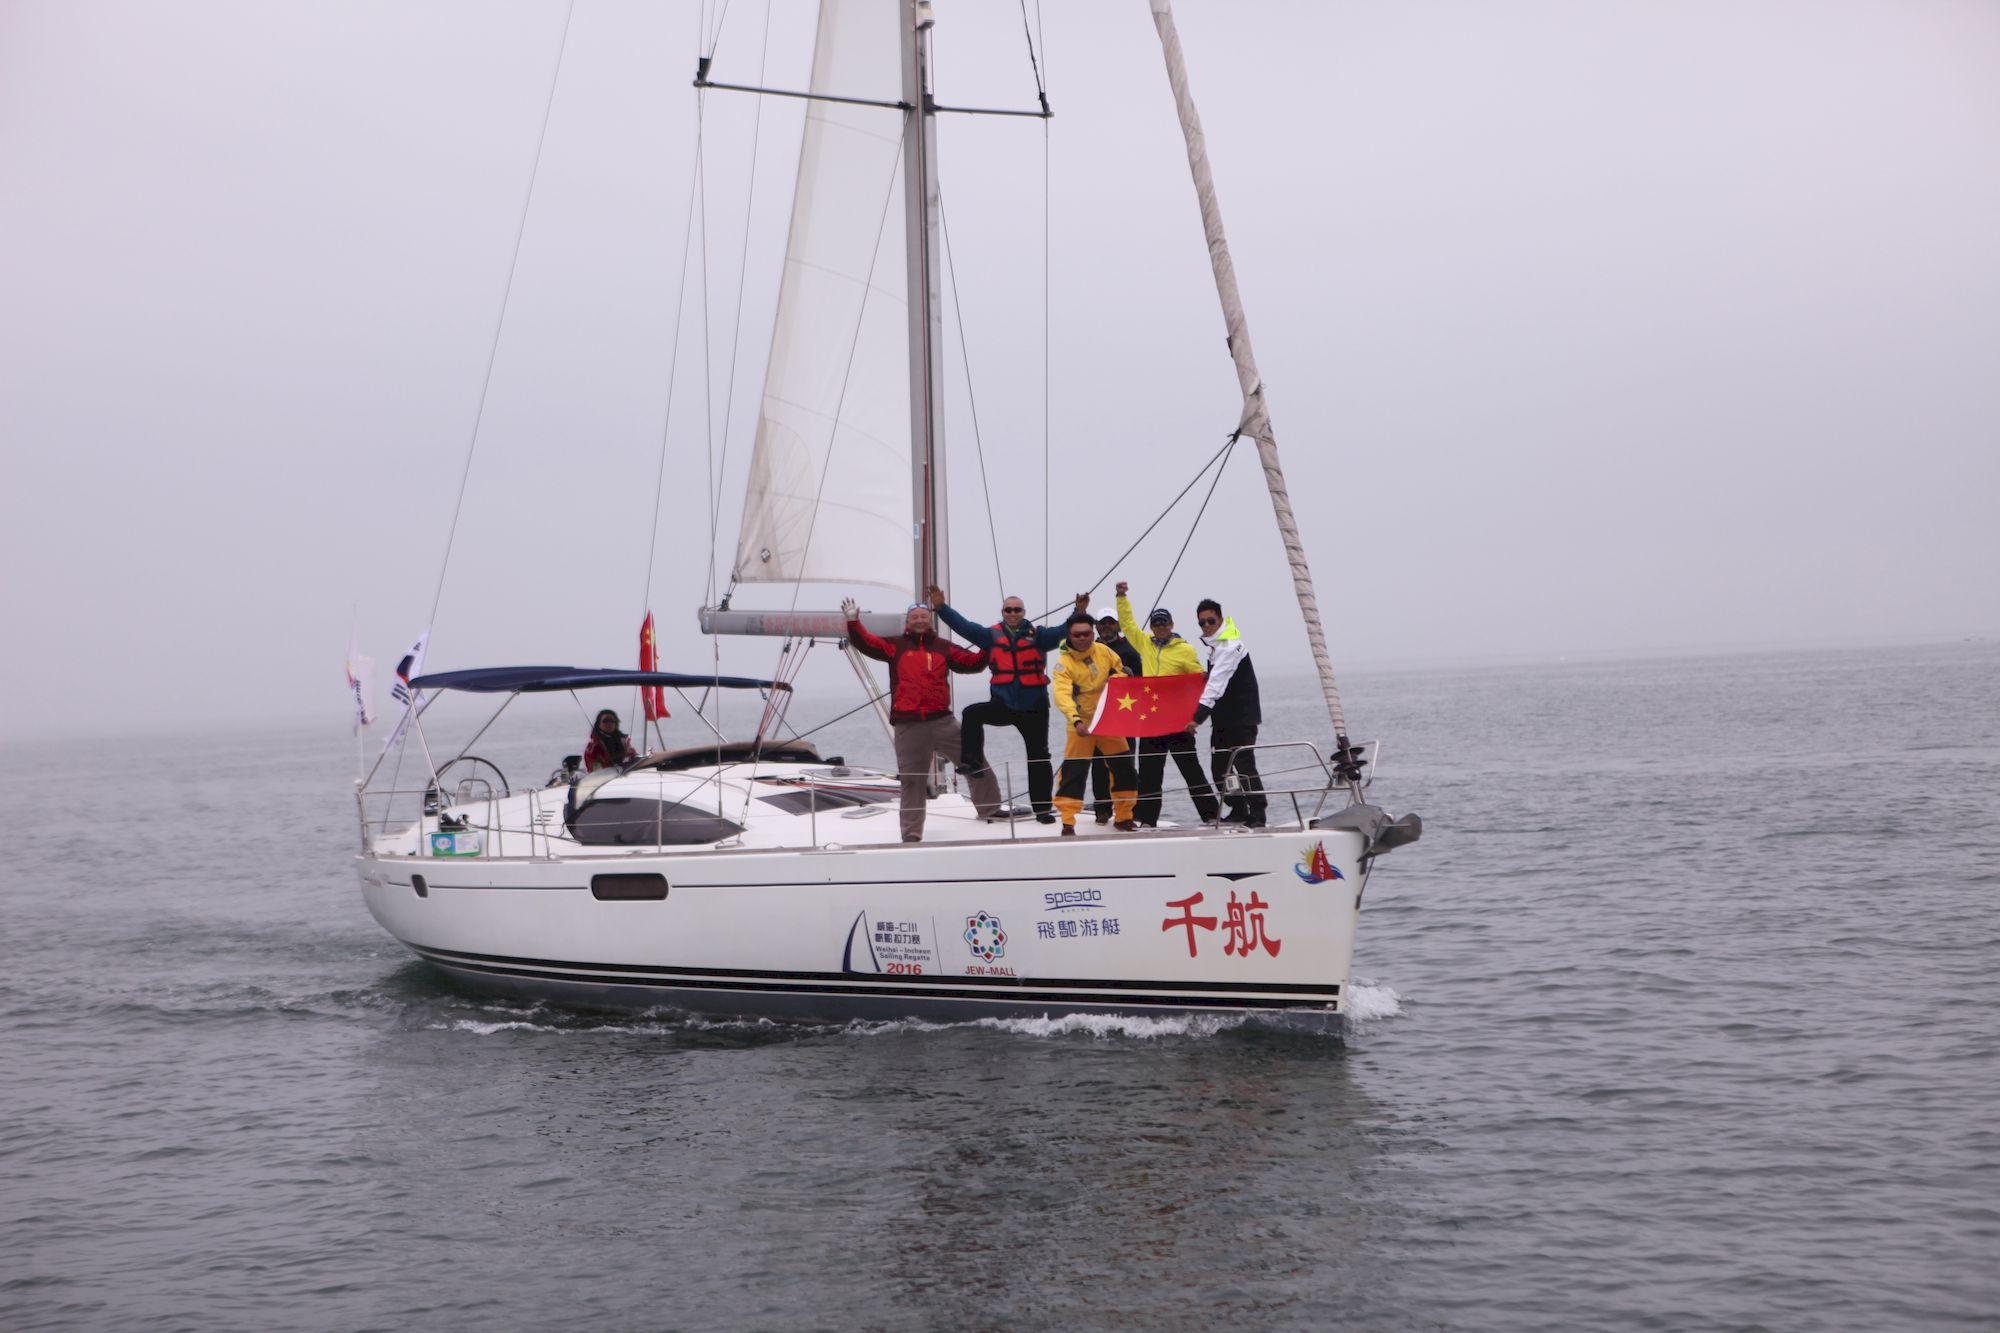 新西兰,跆拳道,俱乐部,拉力赛,青岛 向着太阳升起的地方出发:记第一次跨国远航-千航帆船-51航海网队-2016威海仁川 034-IMG_4767_千帆俱乐部我要航海网帆船队-2016威海-仁川国际帆船赛.jpg